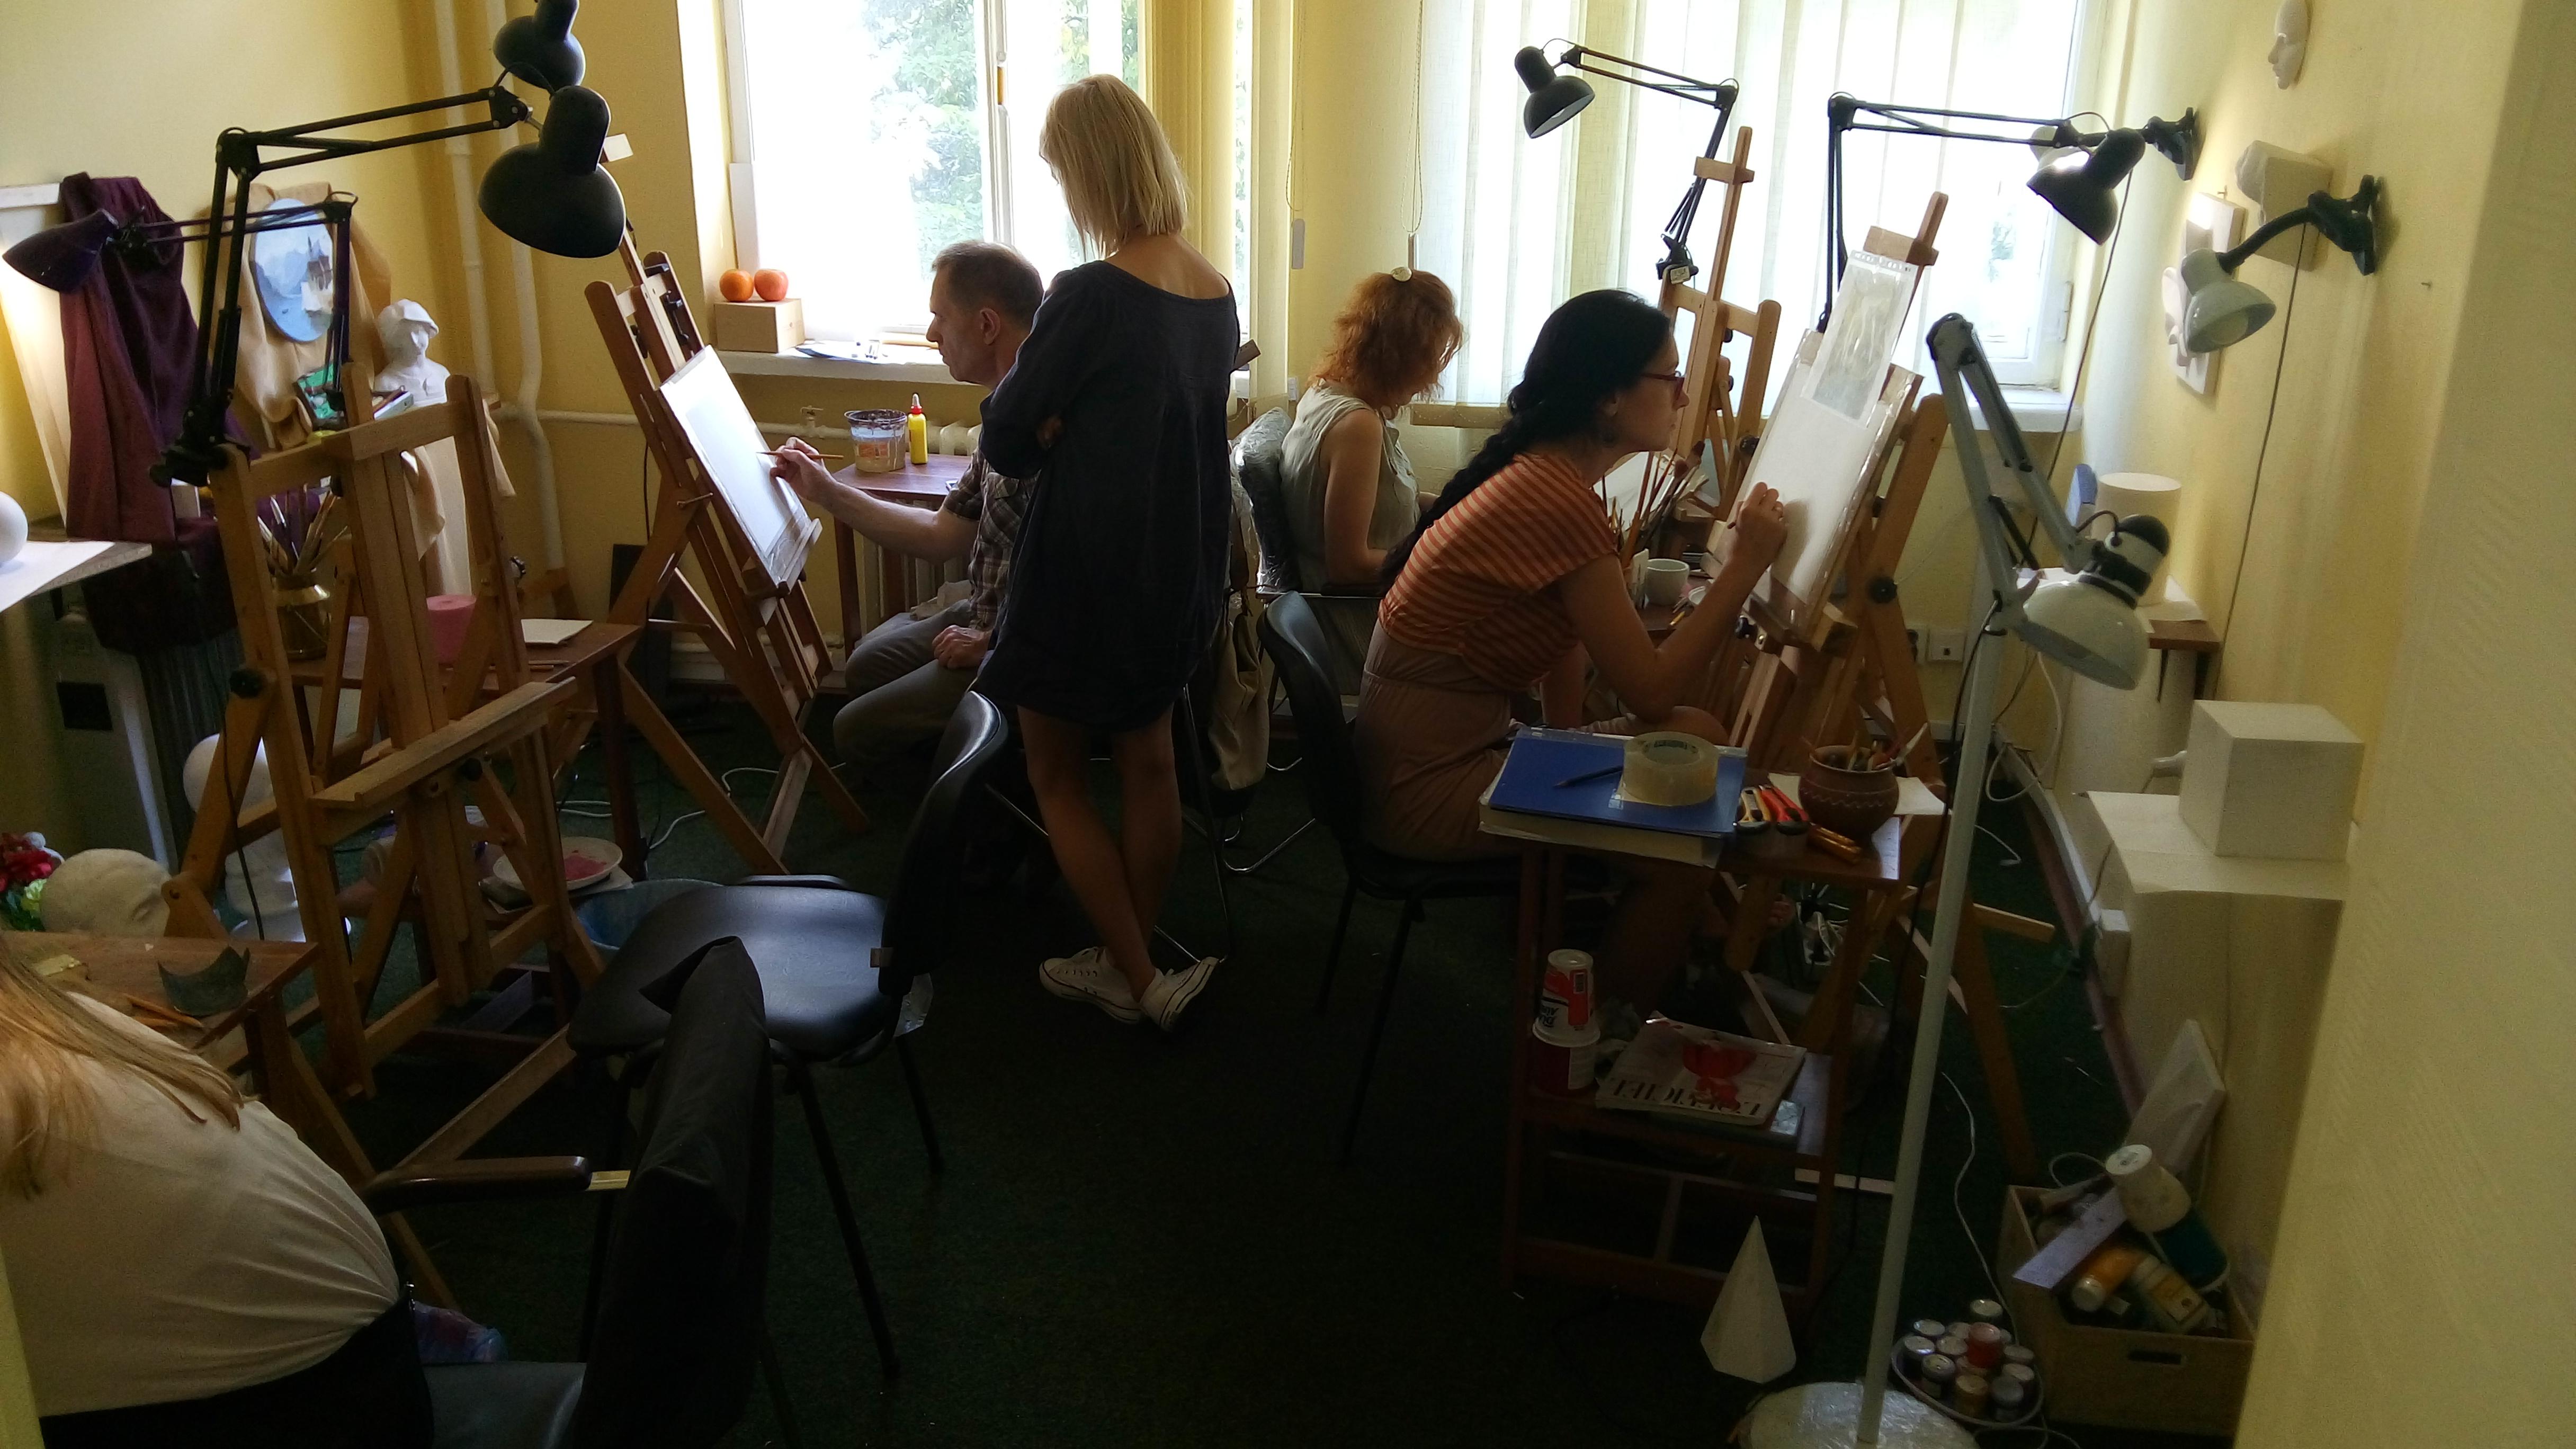 kursu-akademicheskogo-risunka-v-kievskoj-shkole-Artacademia